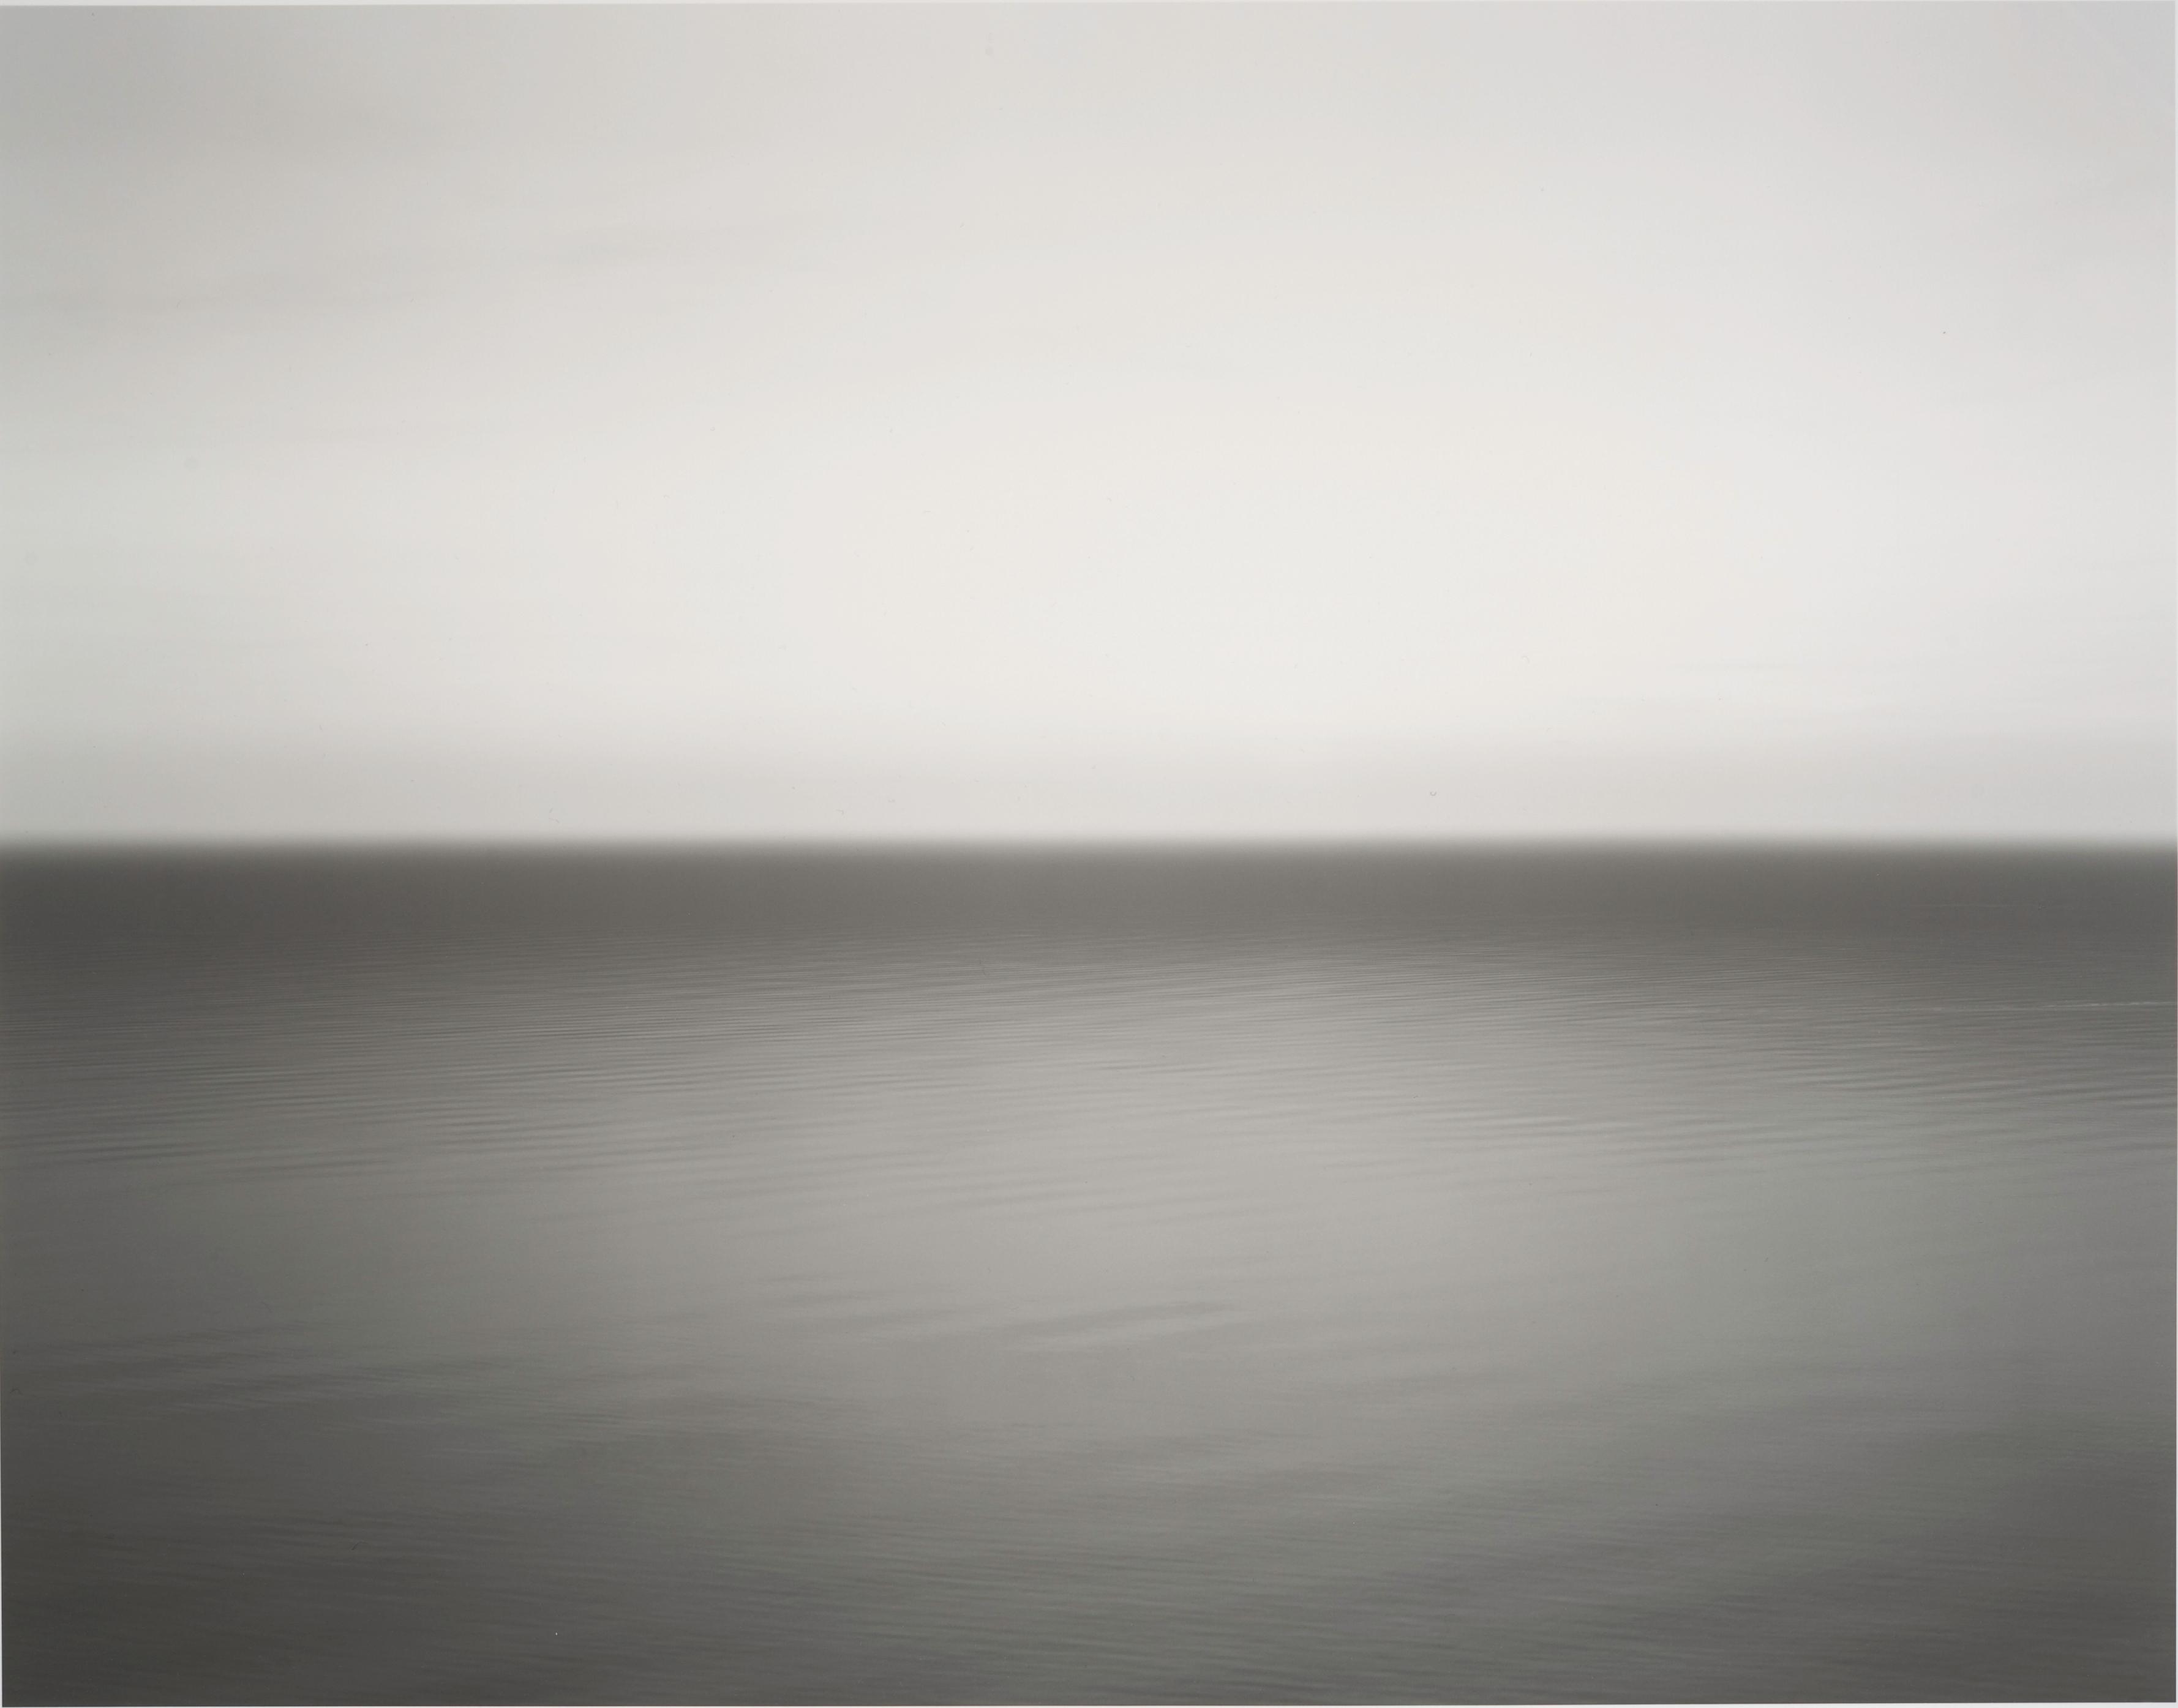 ボーデン湖.jpg